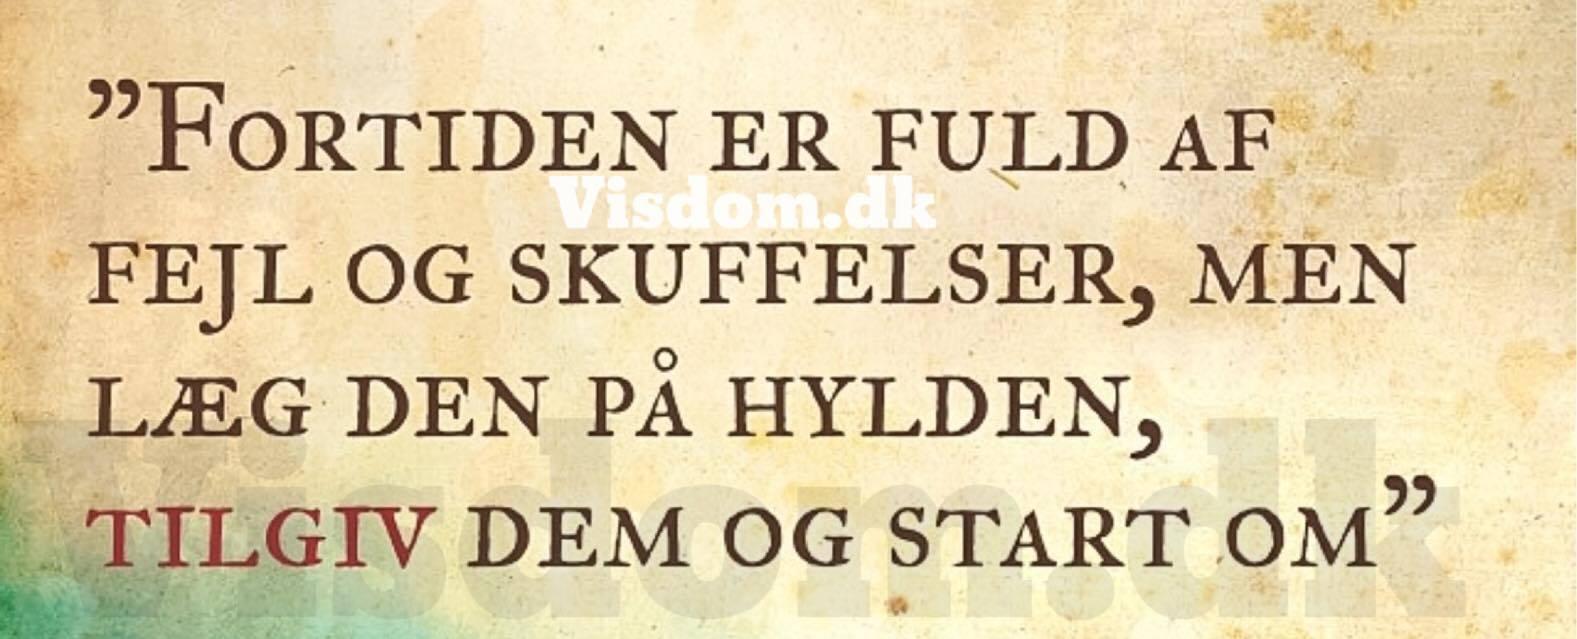 fejl citater fortiden   Danmarks største citat side, Vi har søde og smukke  fejl citater